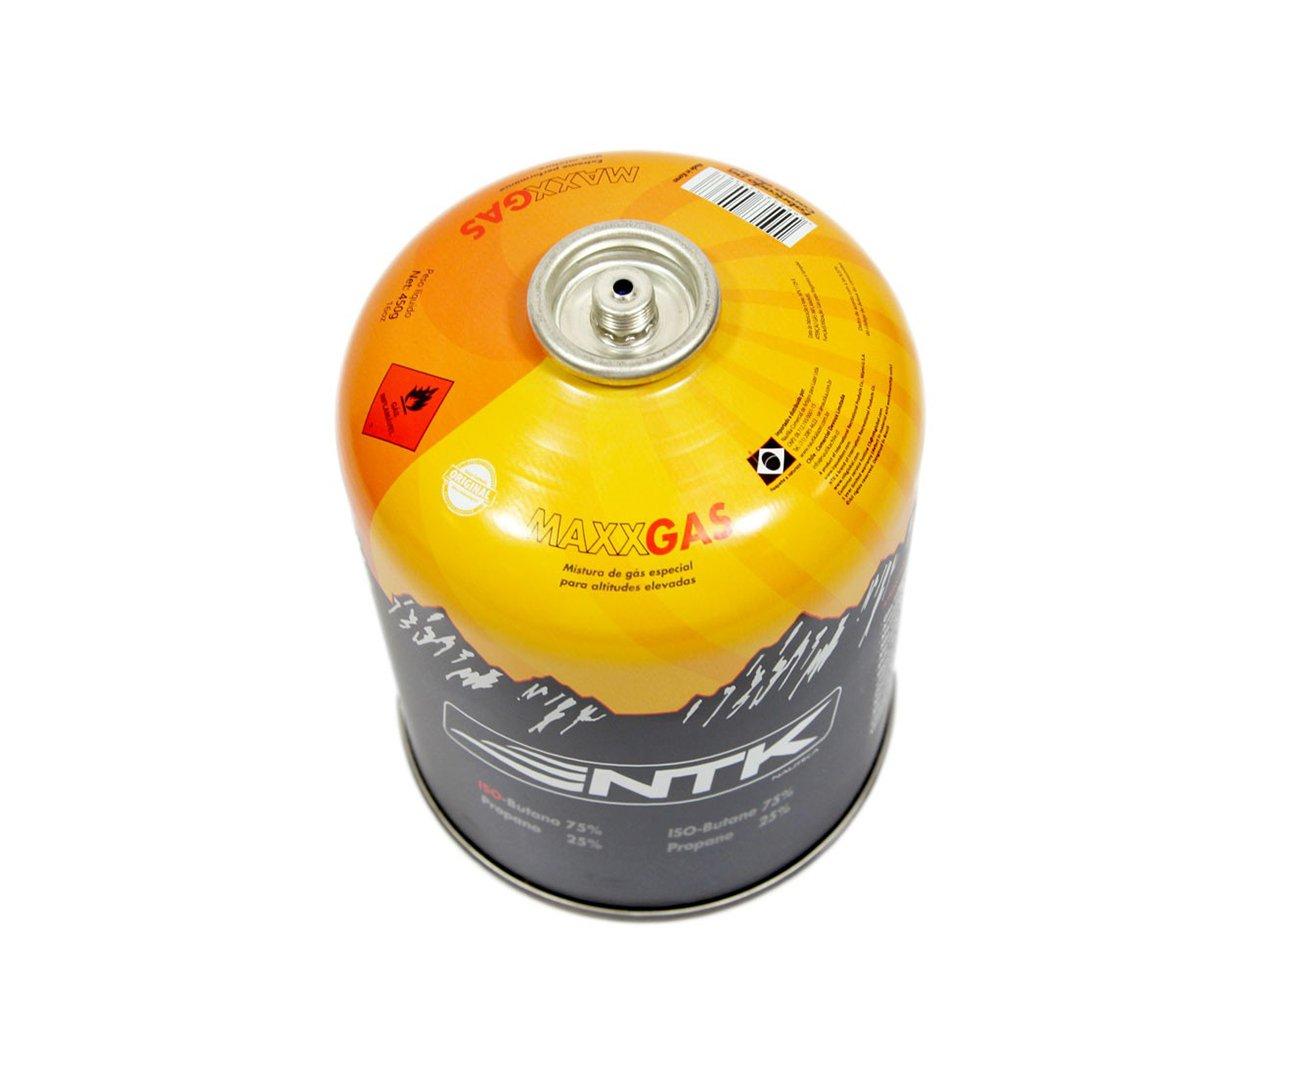 Cartucho De Gas Maxx Gas 450g - Nautika